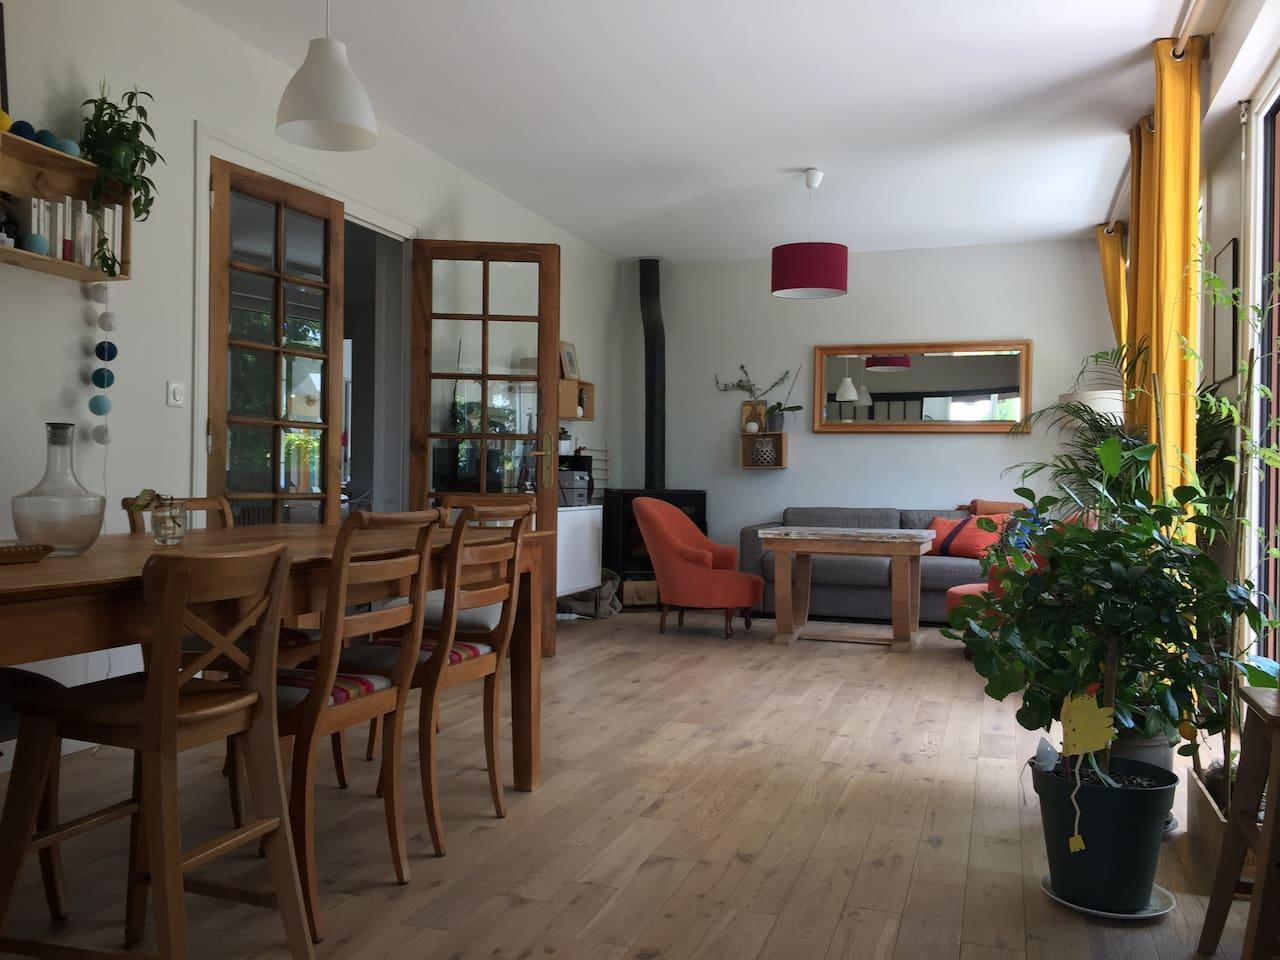 Le séjour avec baie vitrée donnant sur le jardin et la terrasse